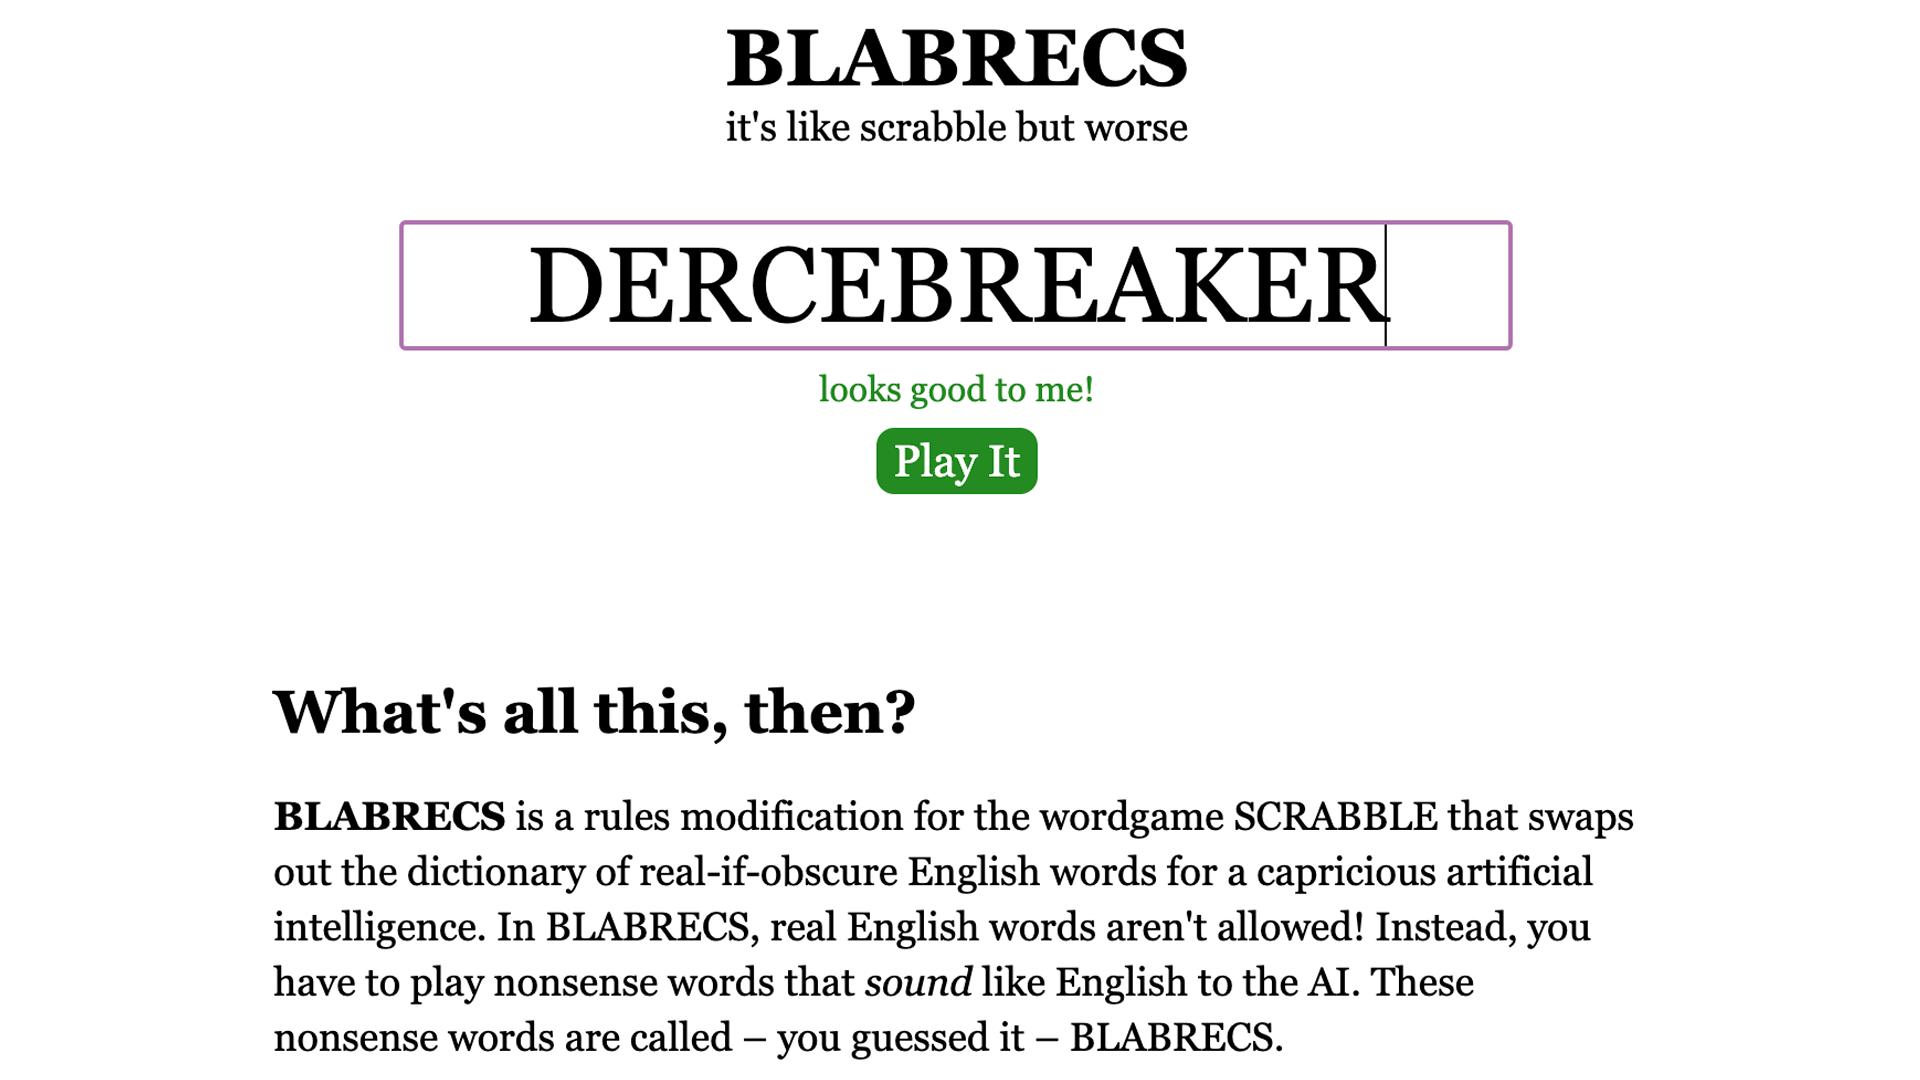 blabrecs-scrabble-dercebreaker.png